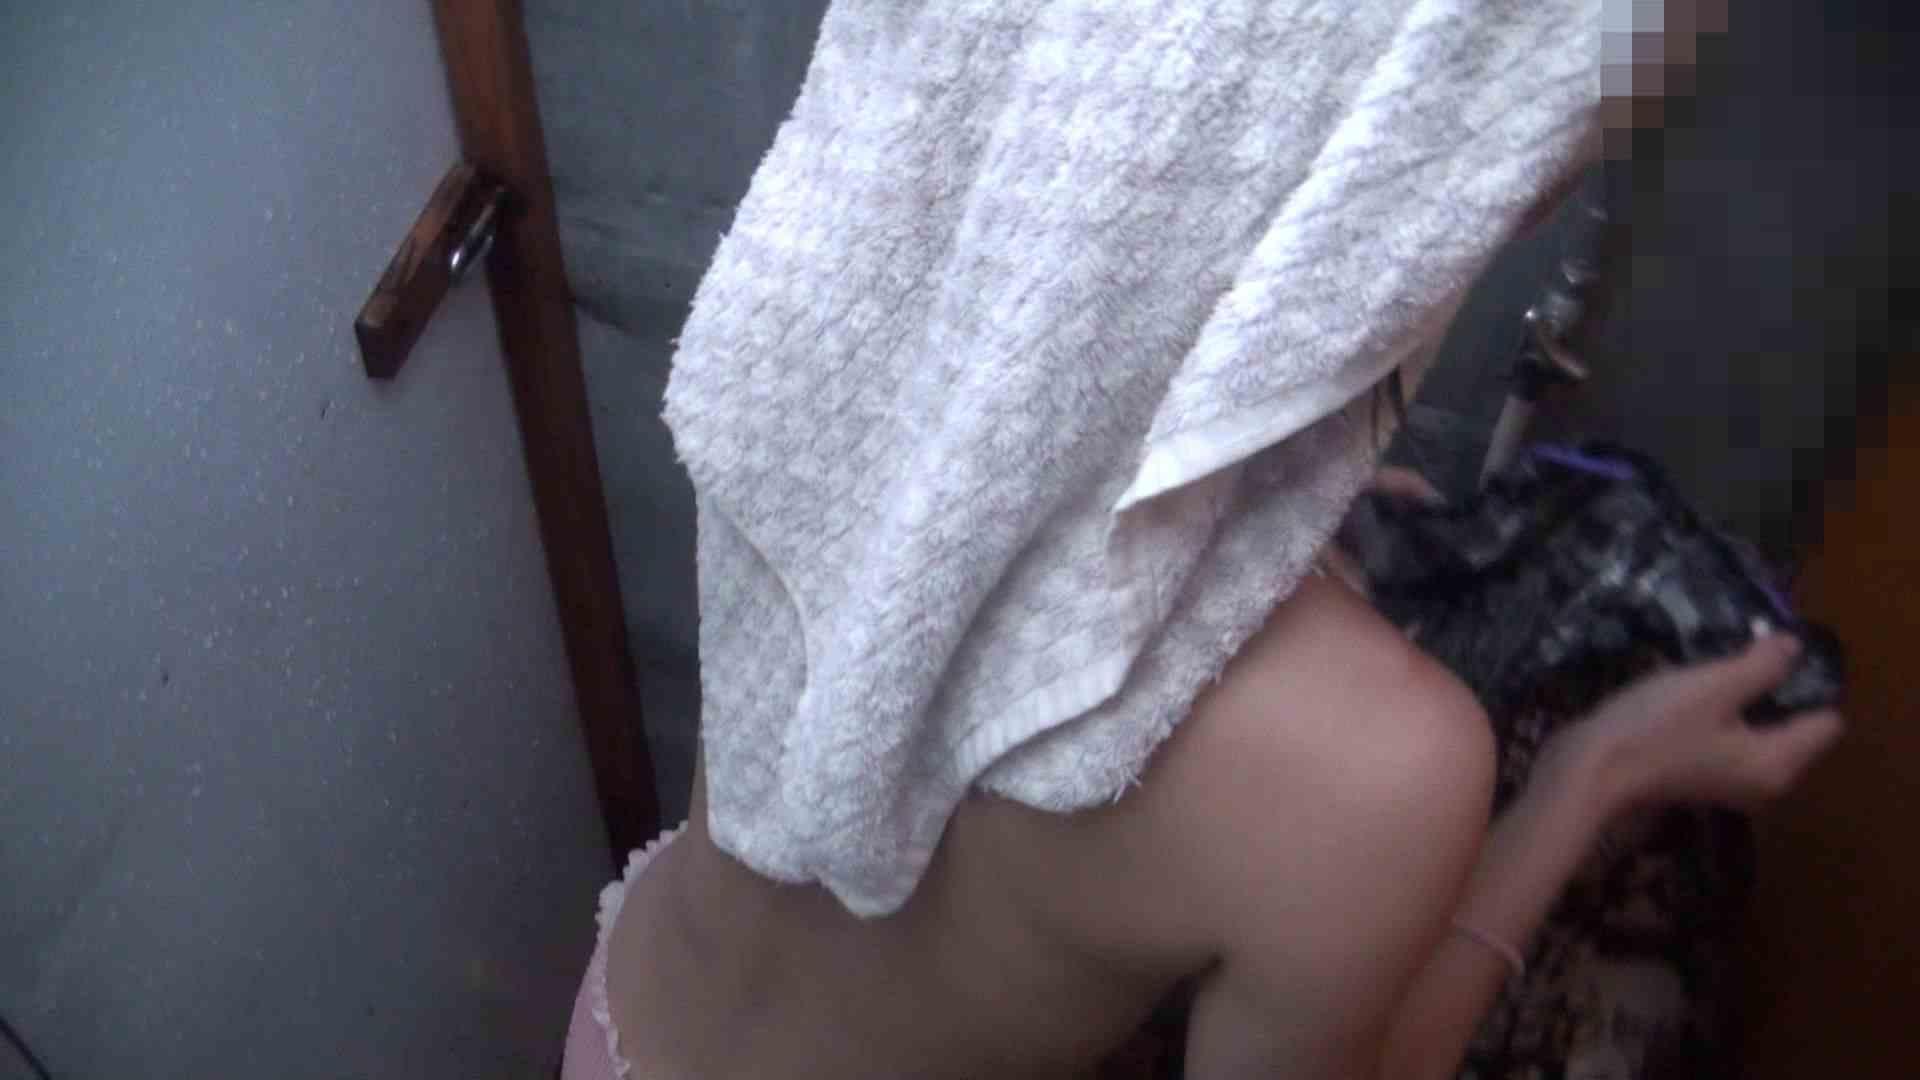 シャワールームは超!!危険な香りVol.21 オメメぱっちり貧乳ギャル鼻くそほじっても可愛いです 高画質 オマンコ動画キャプチャ 70PIX 69